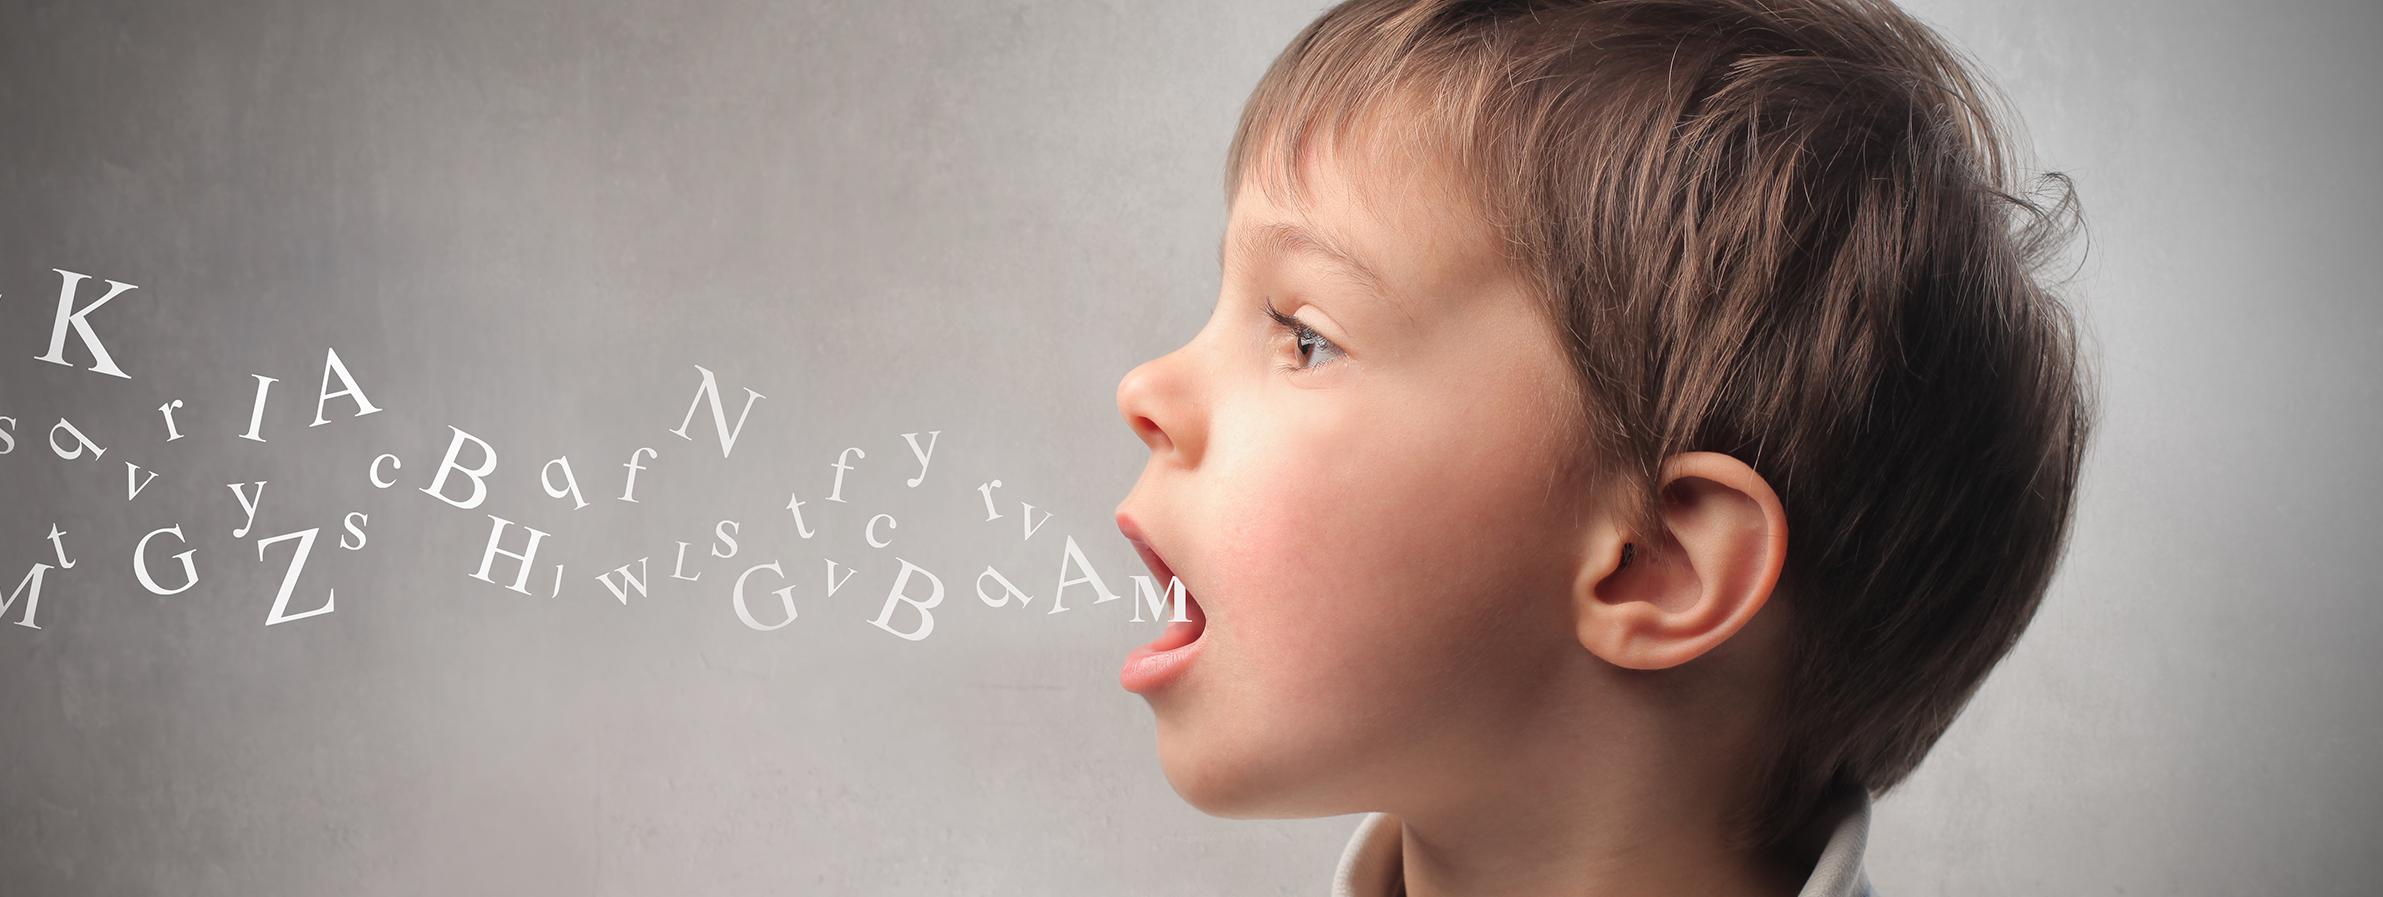 TV-Dijital Oyunlar-Videolar Okul Öncesi Çocuğun Dil Gelişimini Nasıl Etkiliyor?